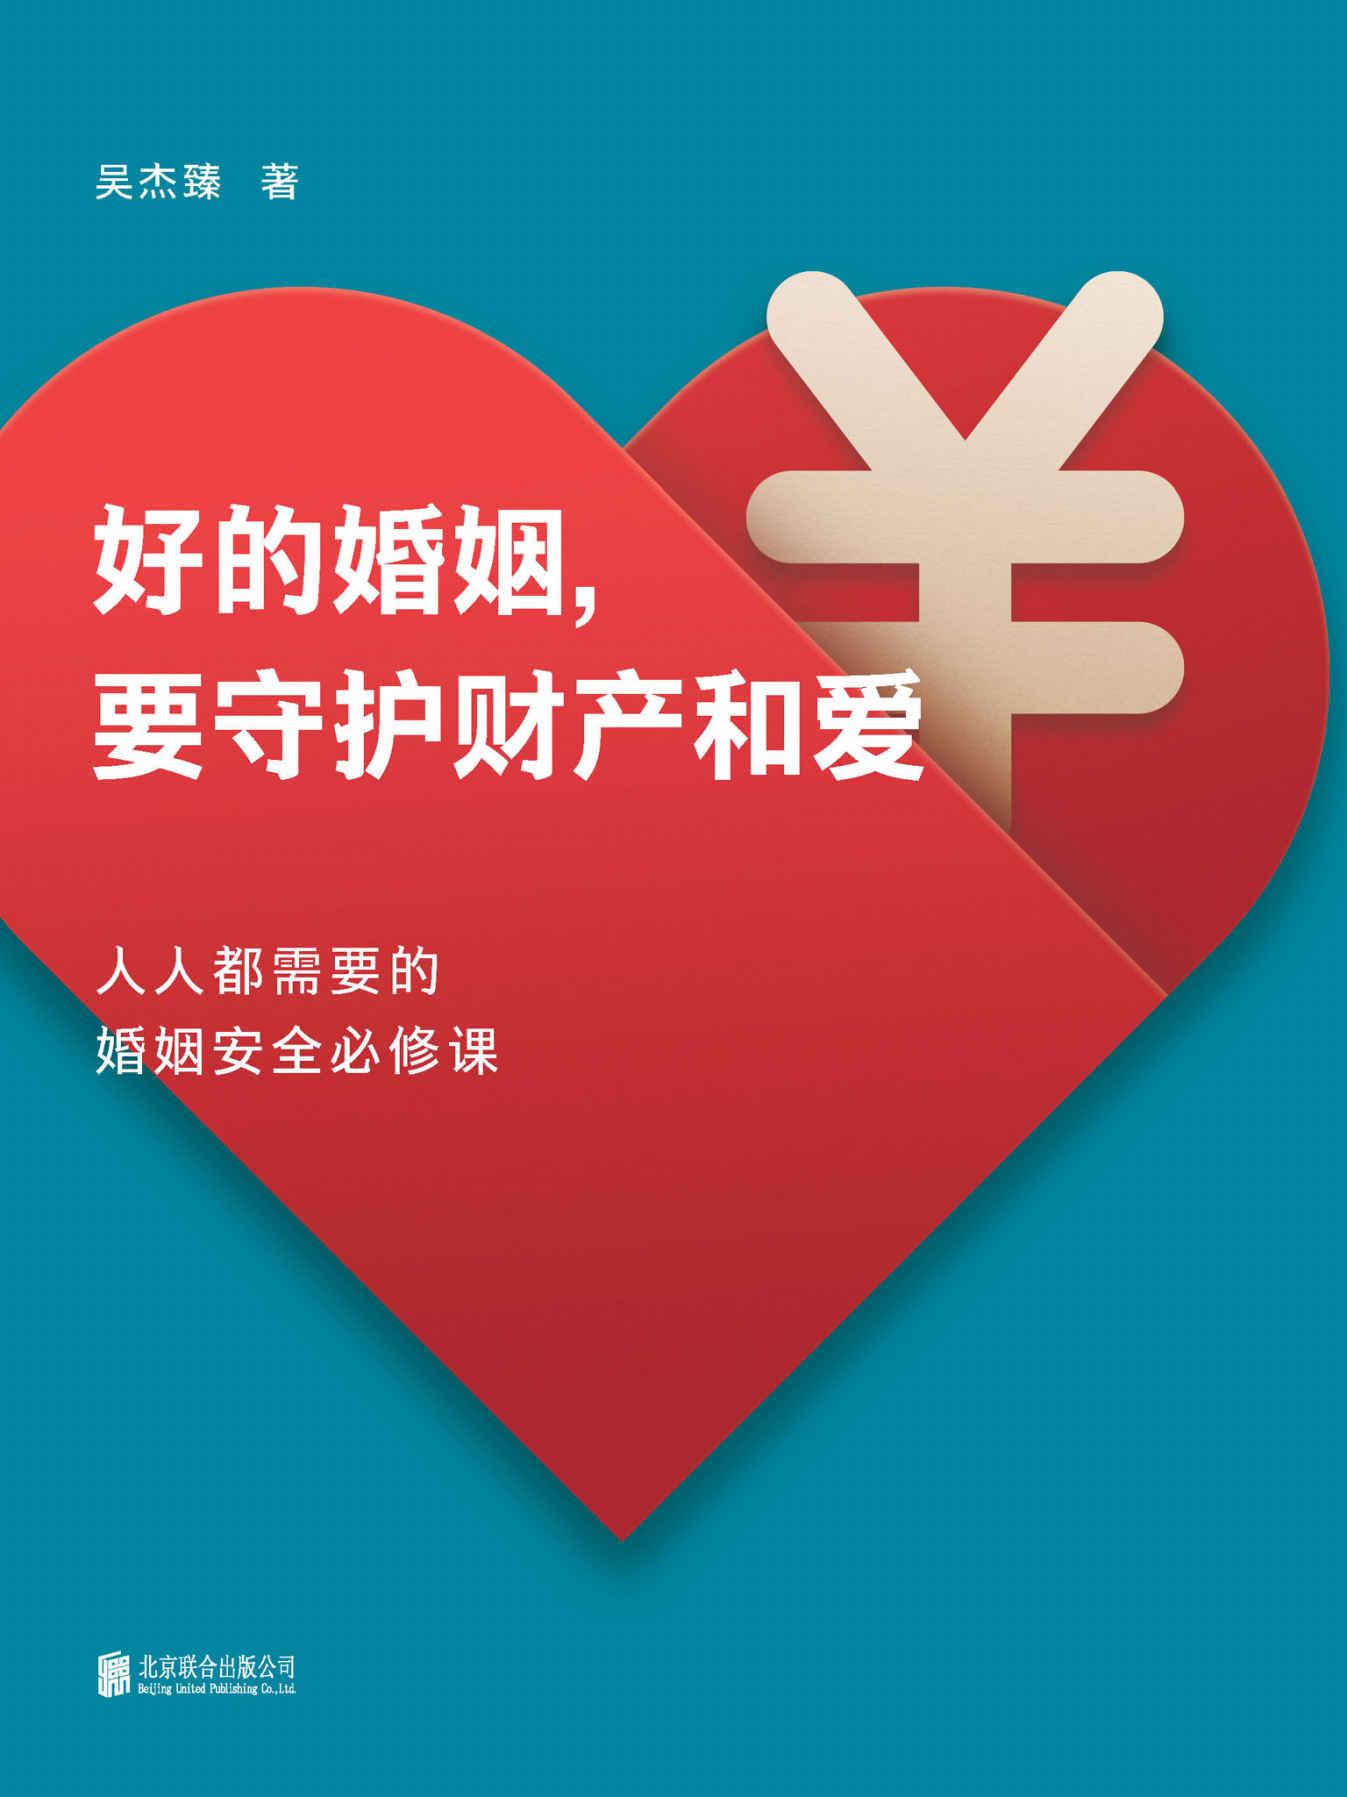 好的婚姻,要守护财产和爱(epub+azw3+mobi)